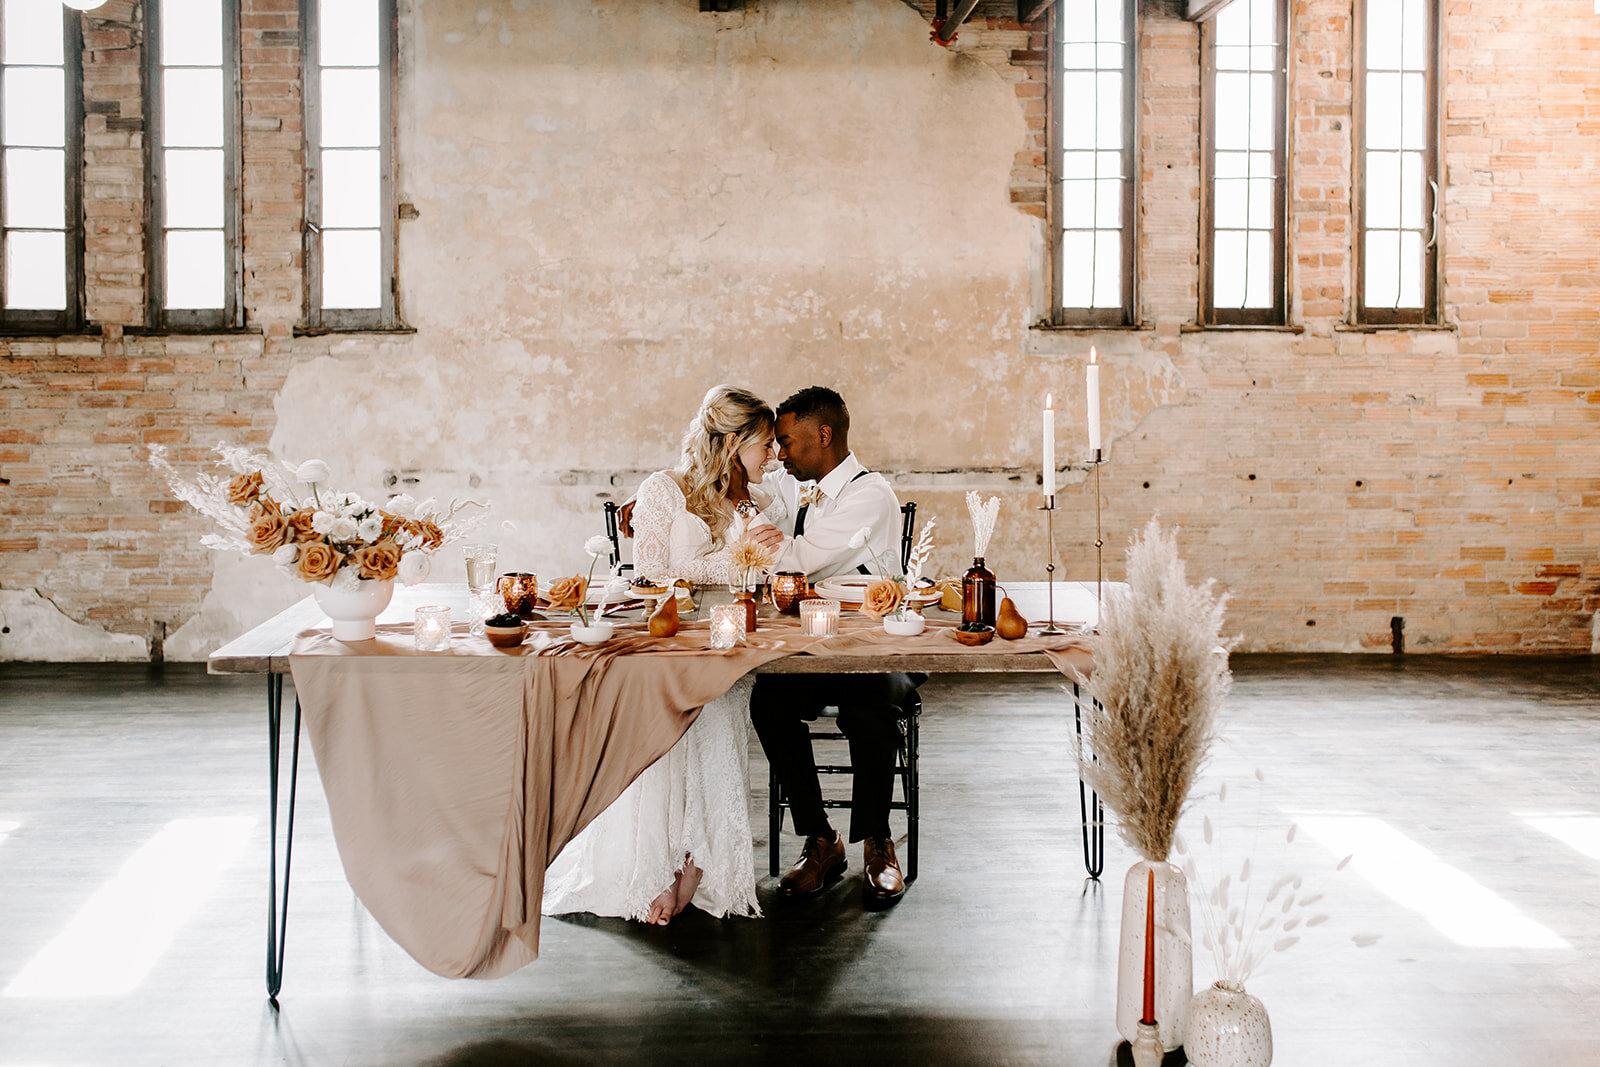 Boho Vibes - Photography: Sarah Joy PhotographyDecor: Vanilla + GoldFlowers: Budding CreationsDress: Inspire Bridal BoutiqueDesserts: Lush Cakes